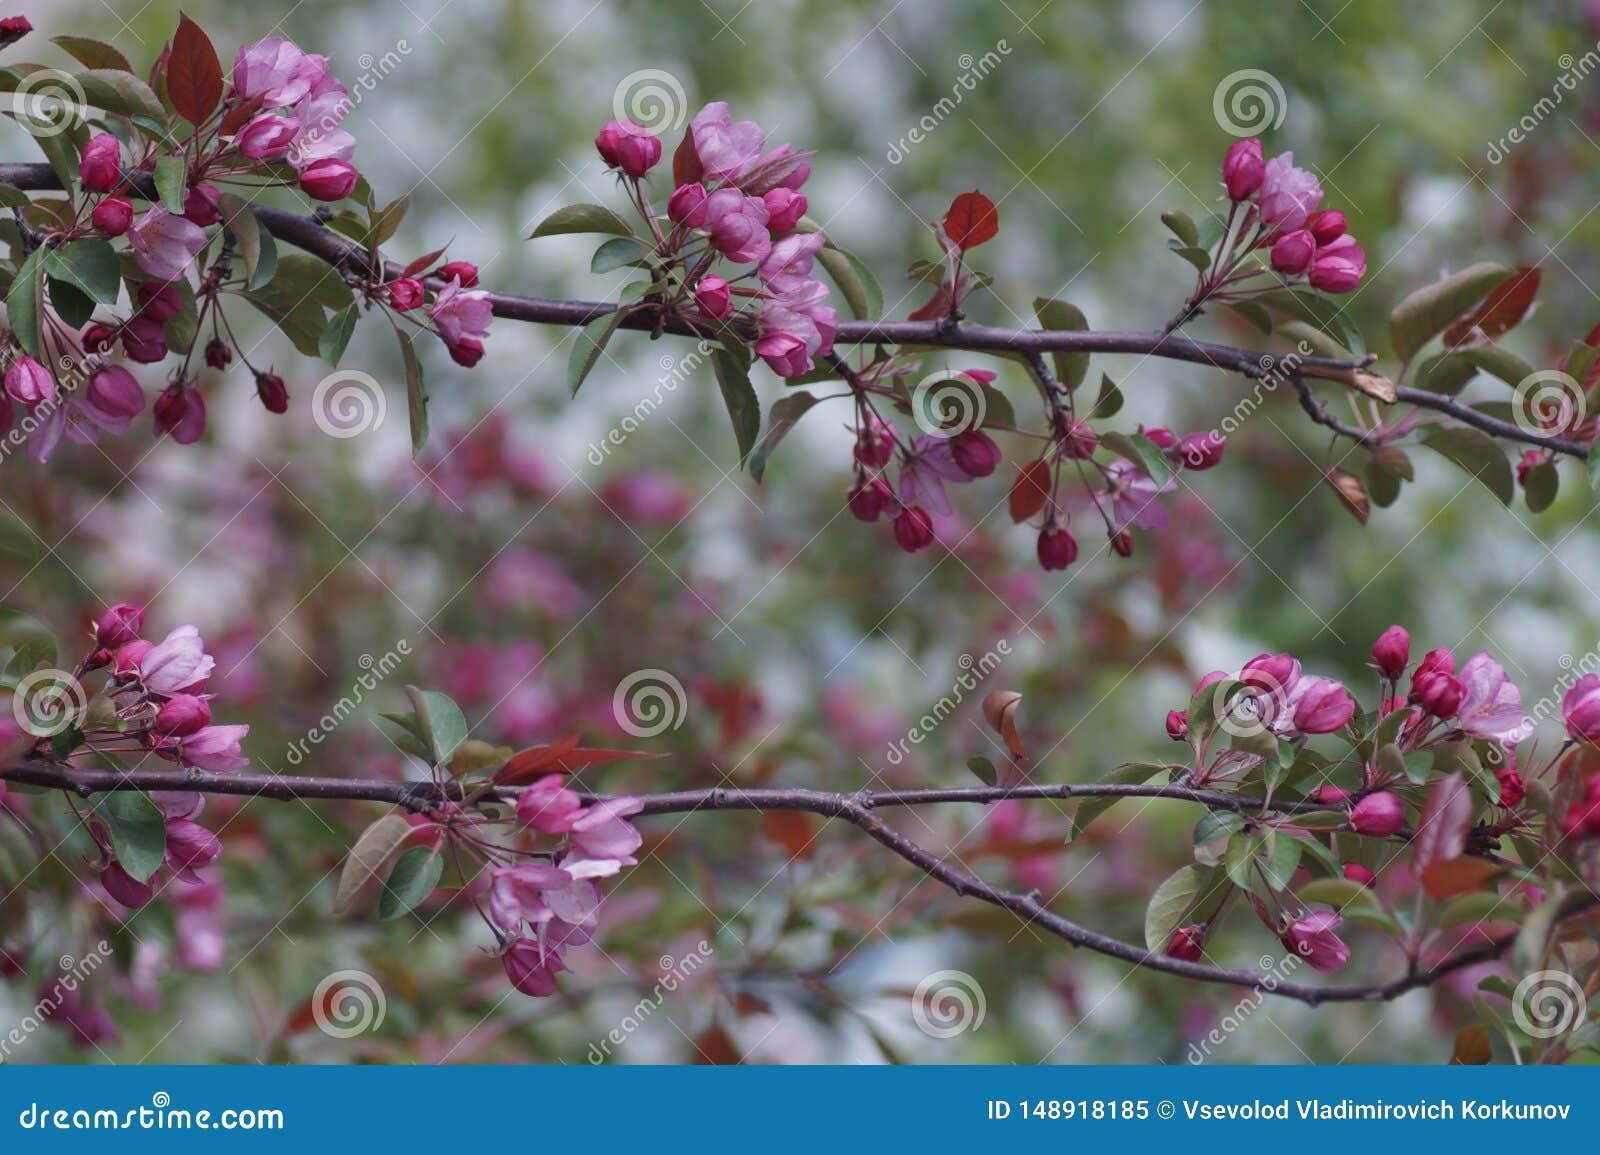 Fioriture di melo bene nello stile di sakura